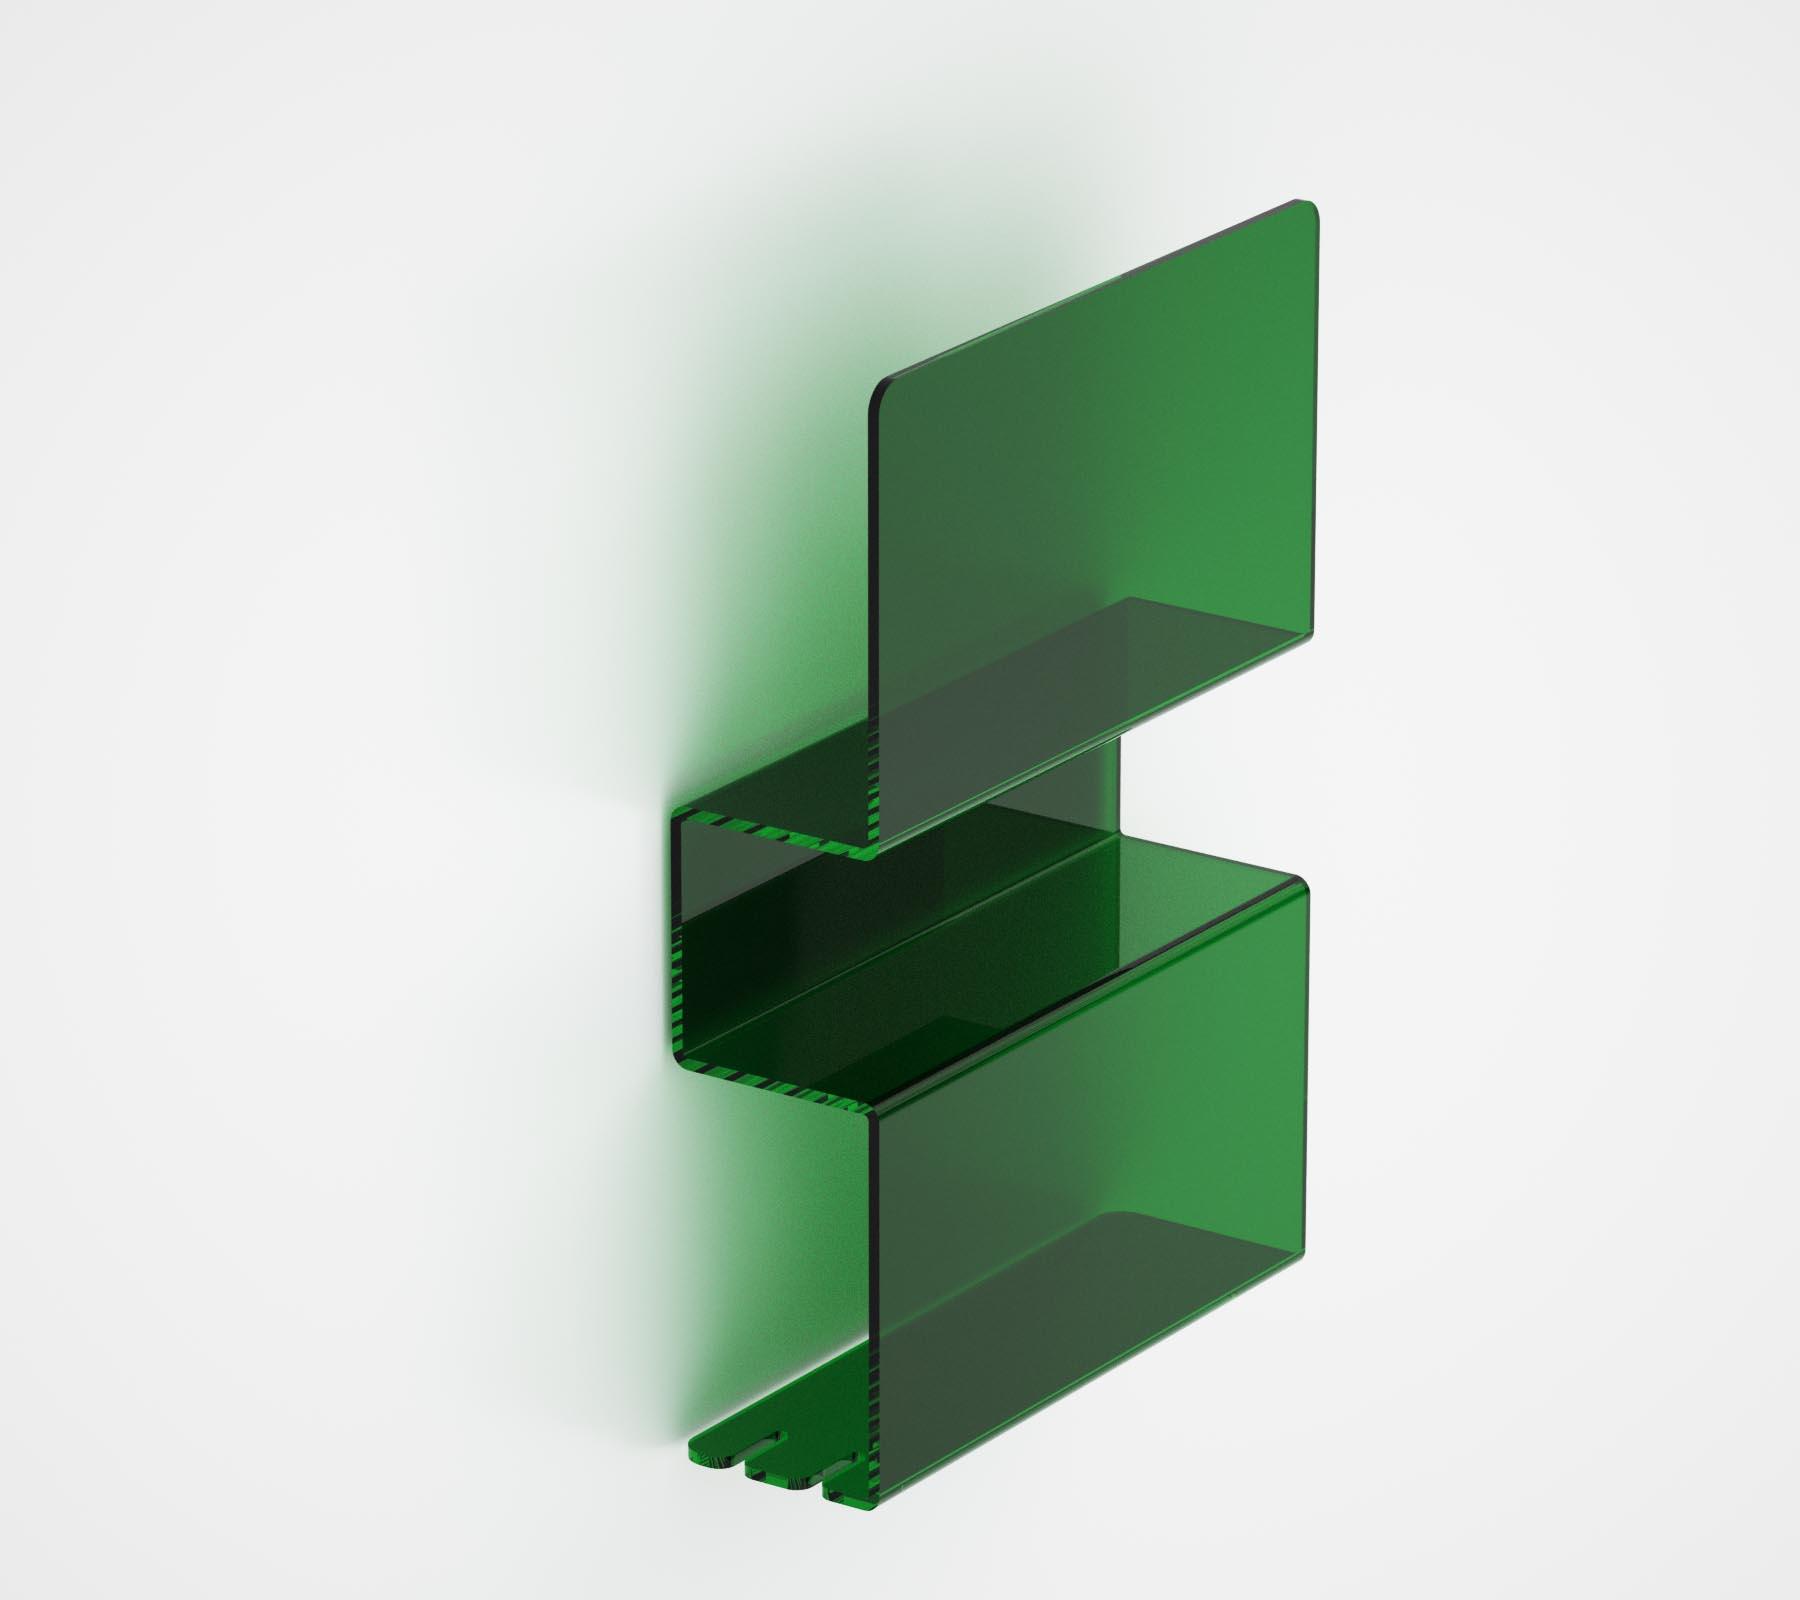 Mensole Plexiglass Colorate.Mensola In Plexiglass Doppia Serie Folio